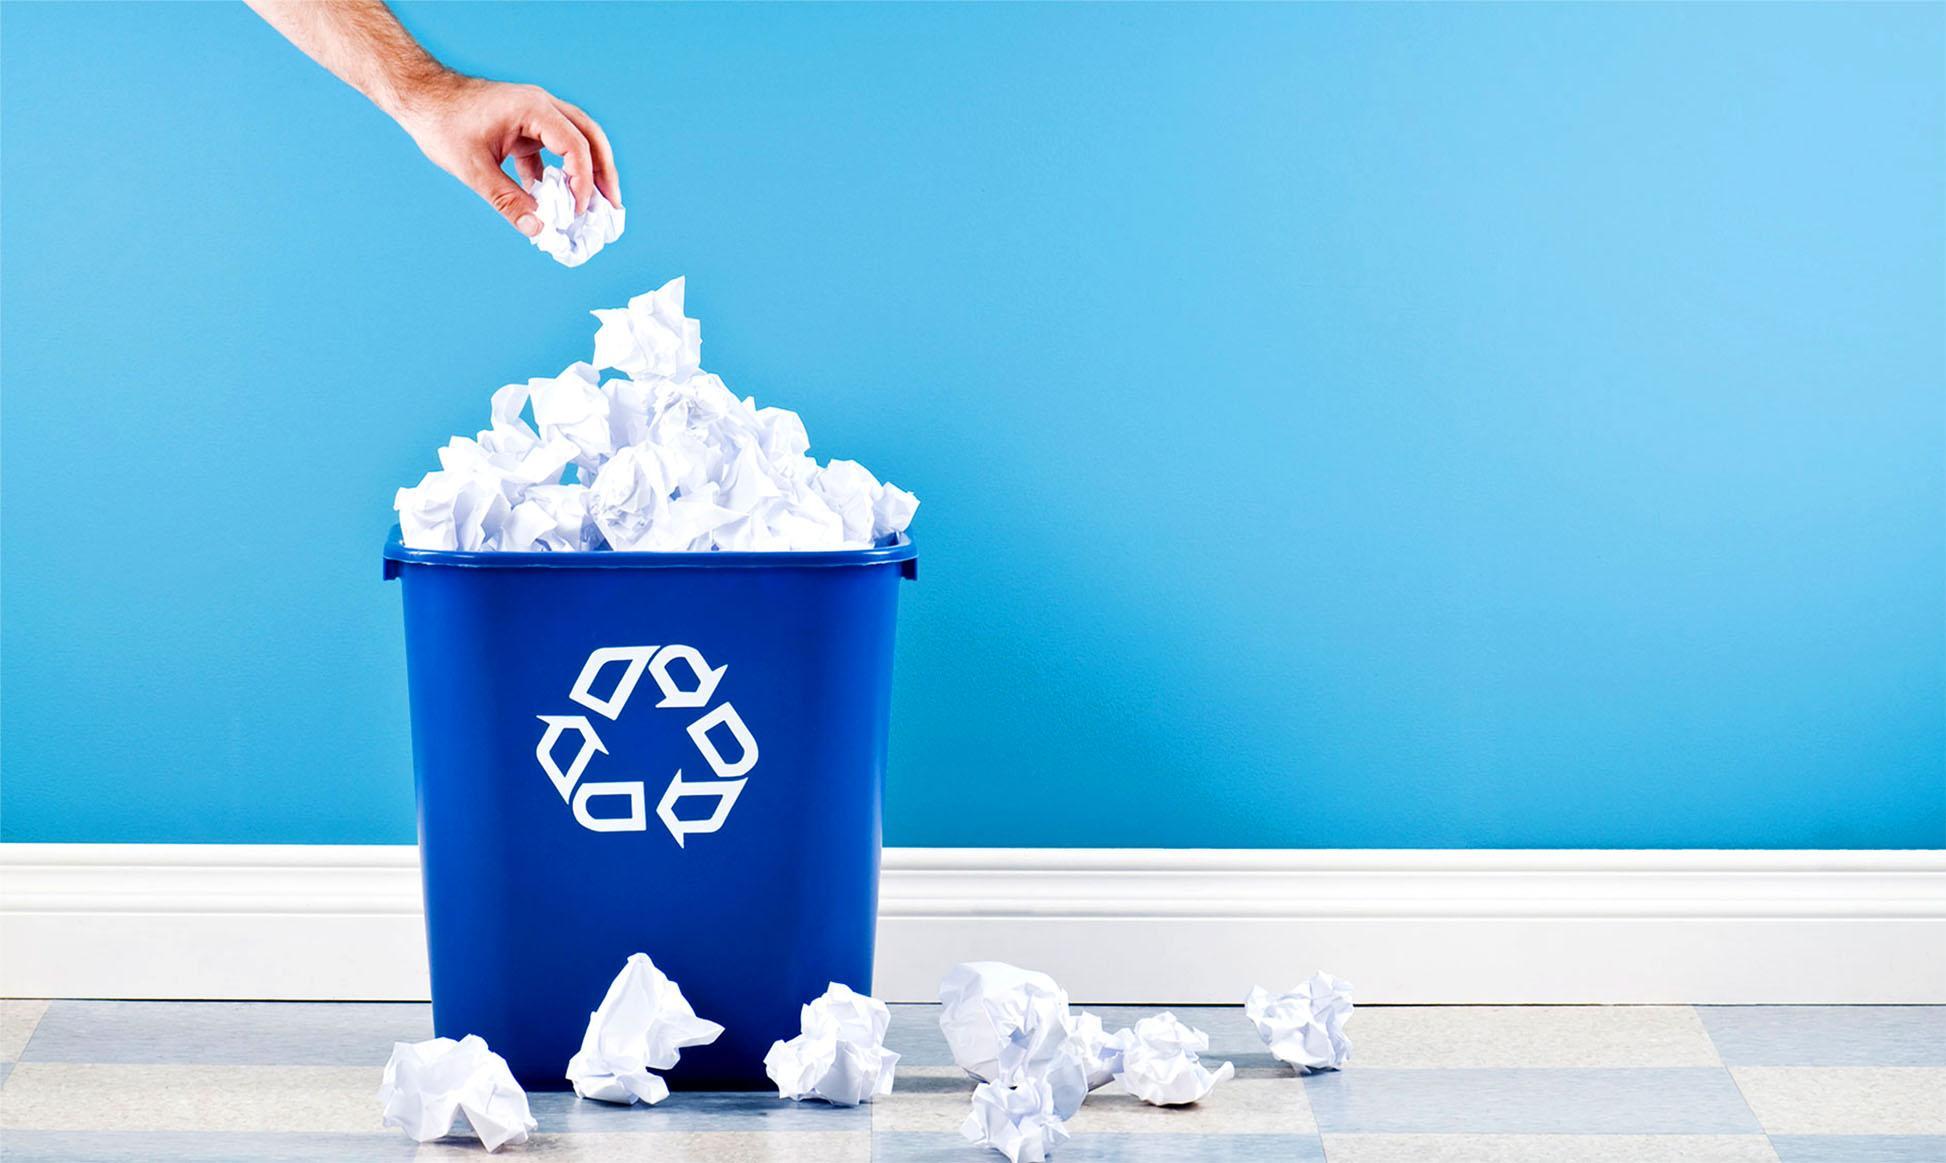 Можно ли бесконечно перерабатывать бумагу в бумагу?